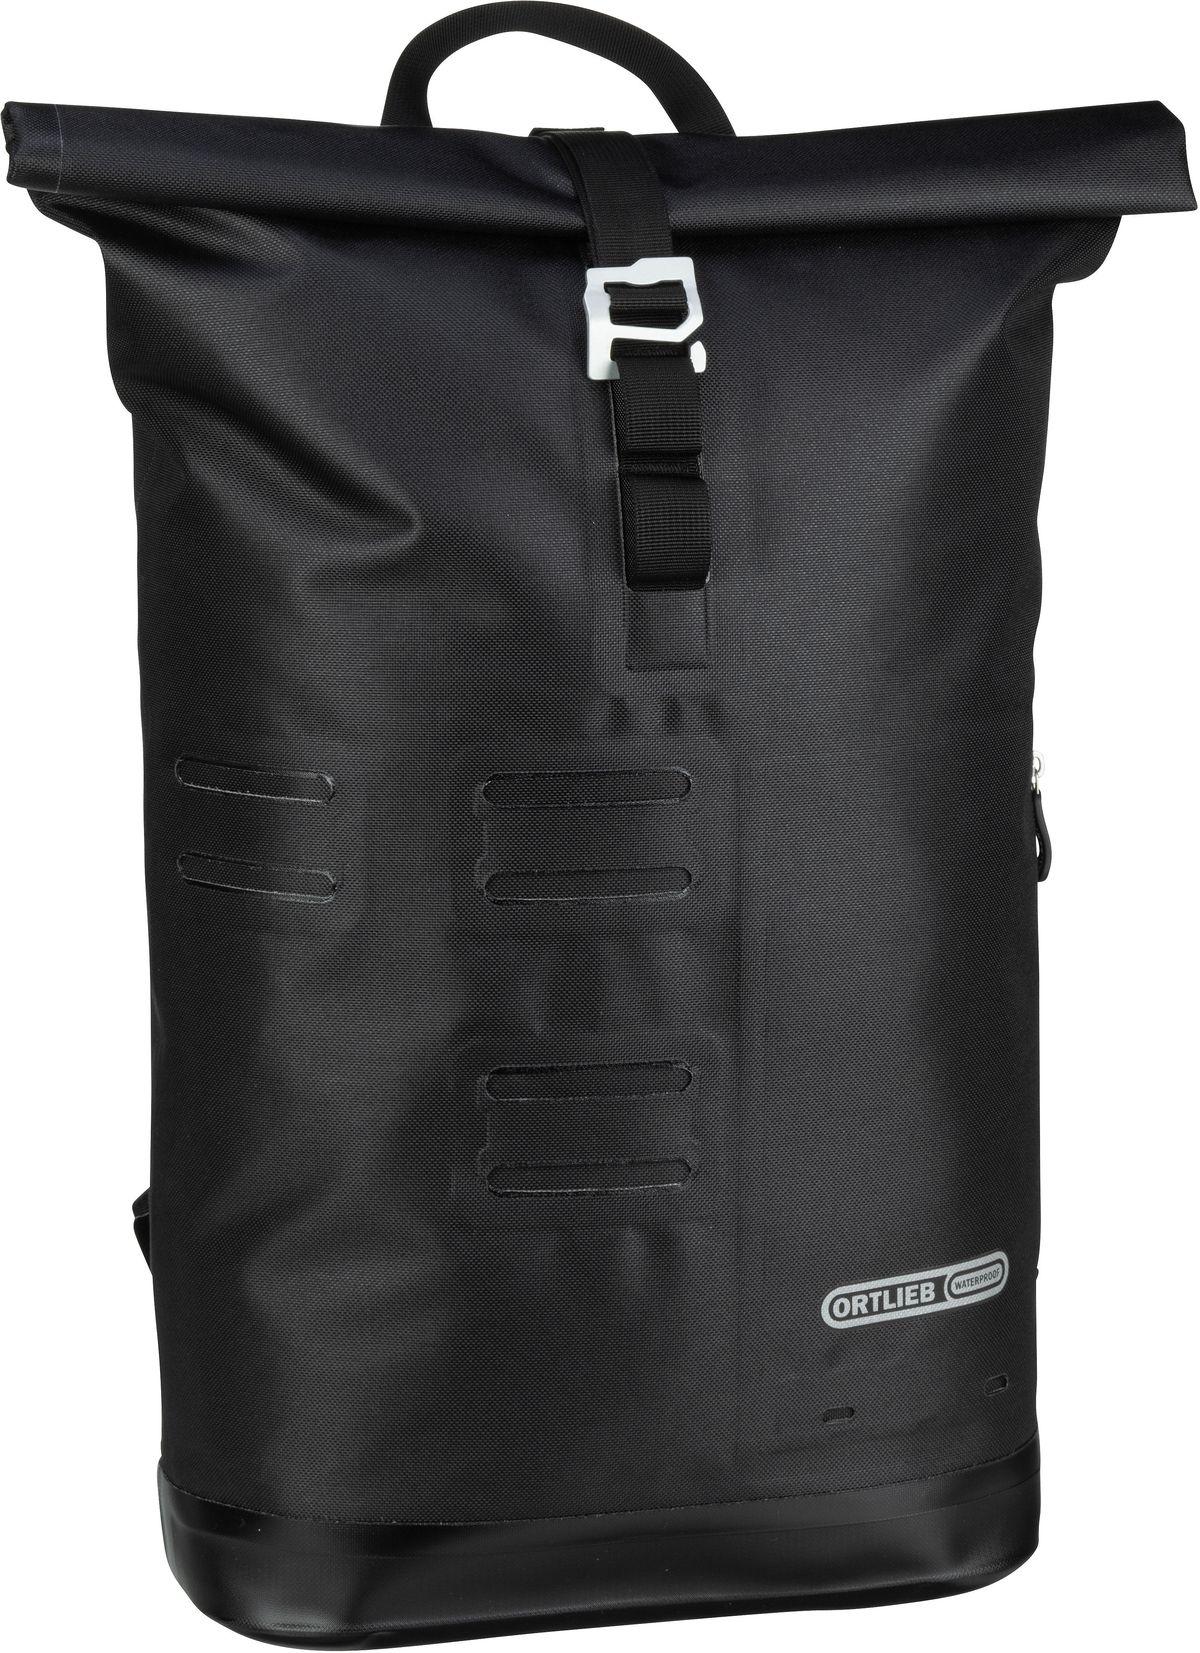 Rucksack / Daypack Commuter-Daypack City Schwarz (21 Liter)